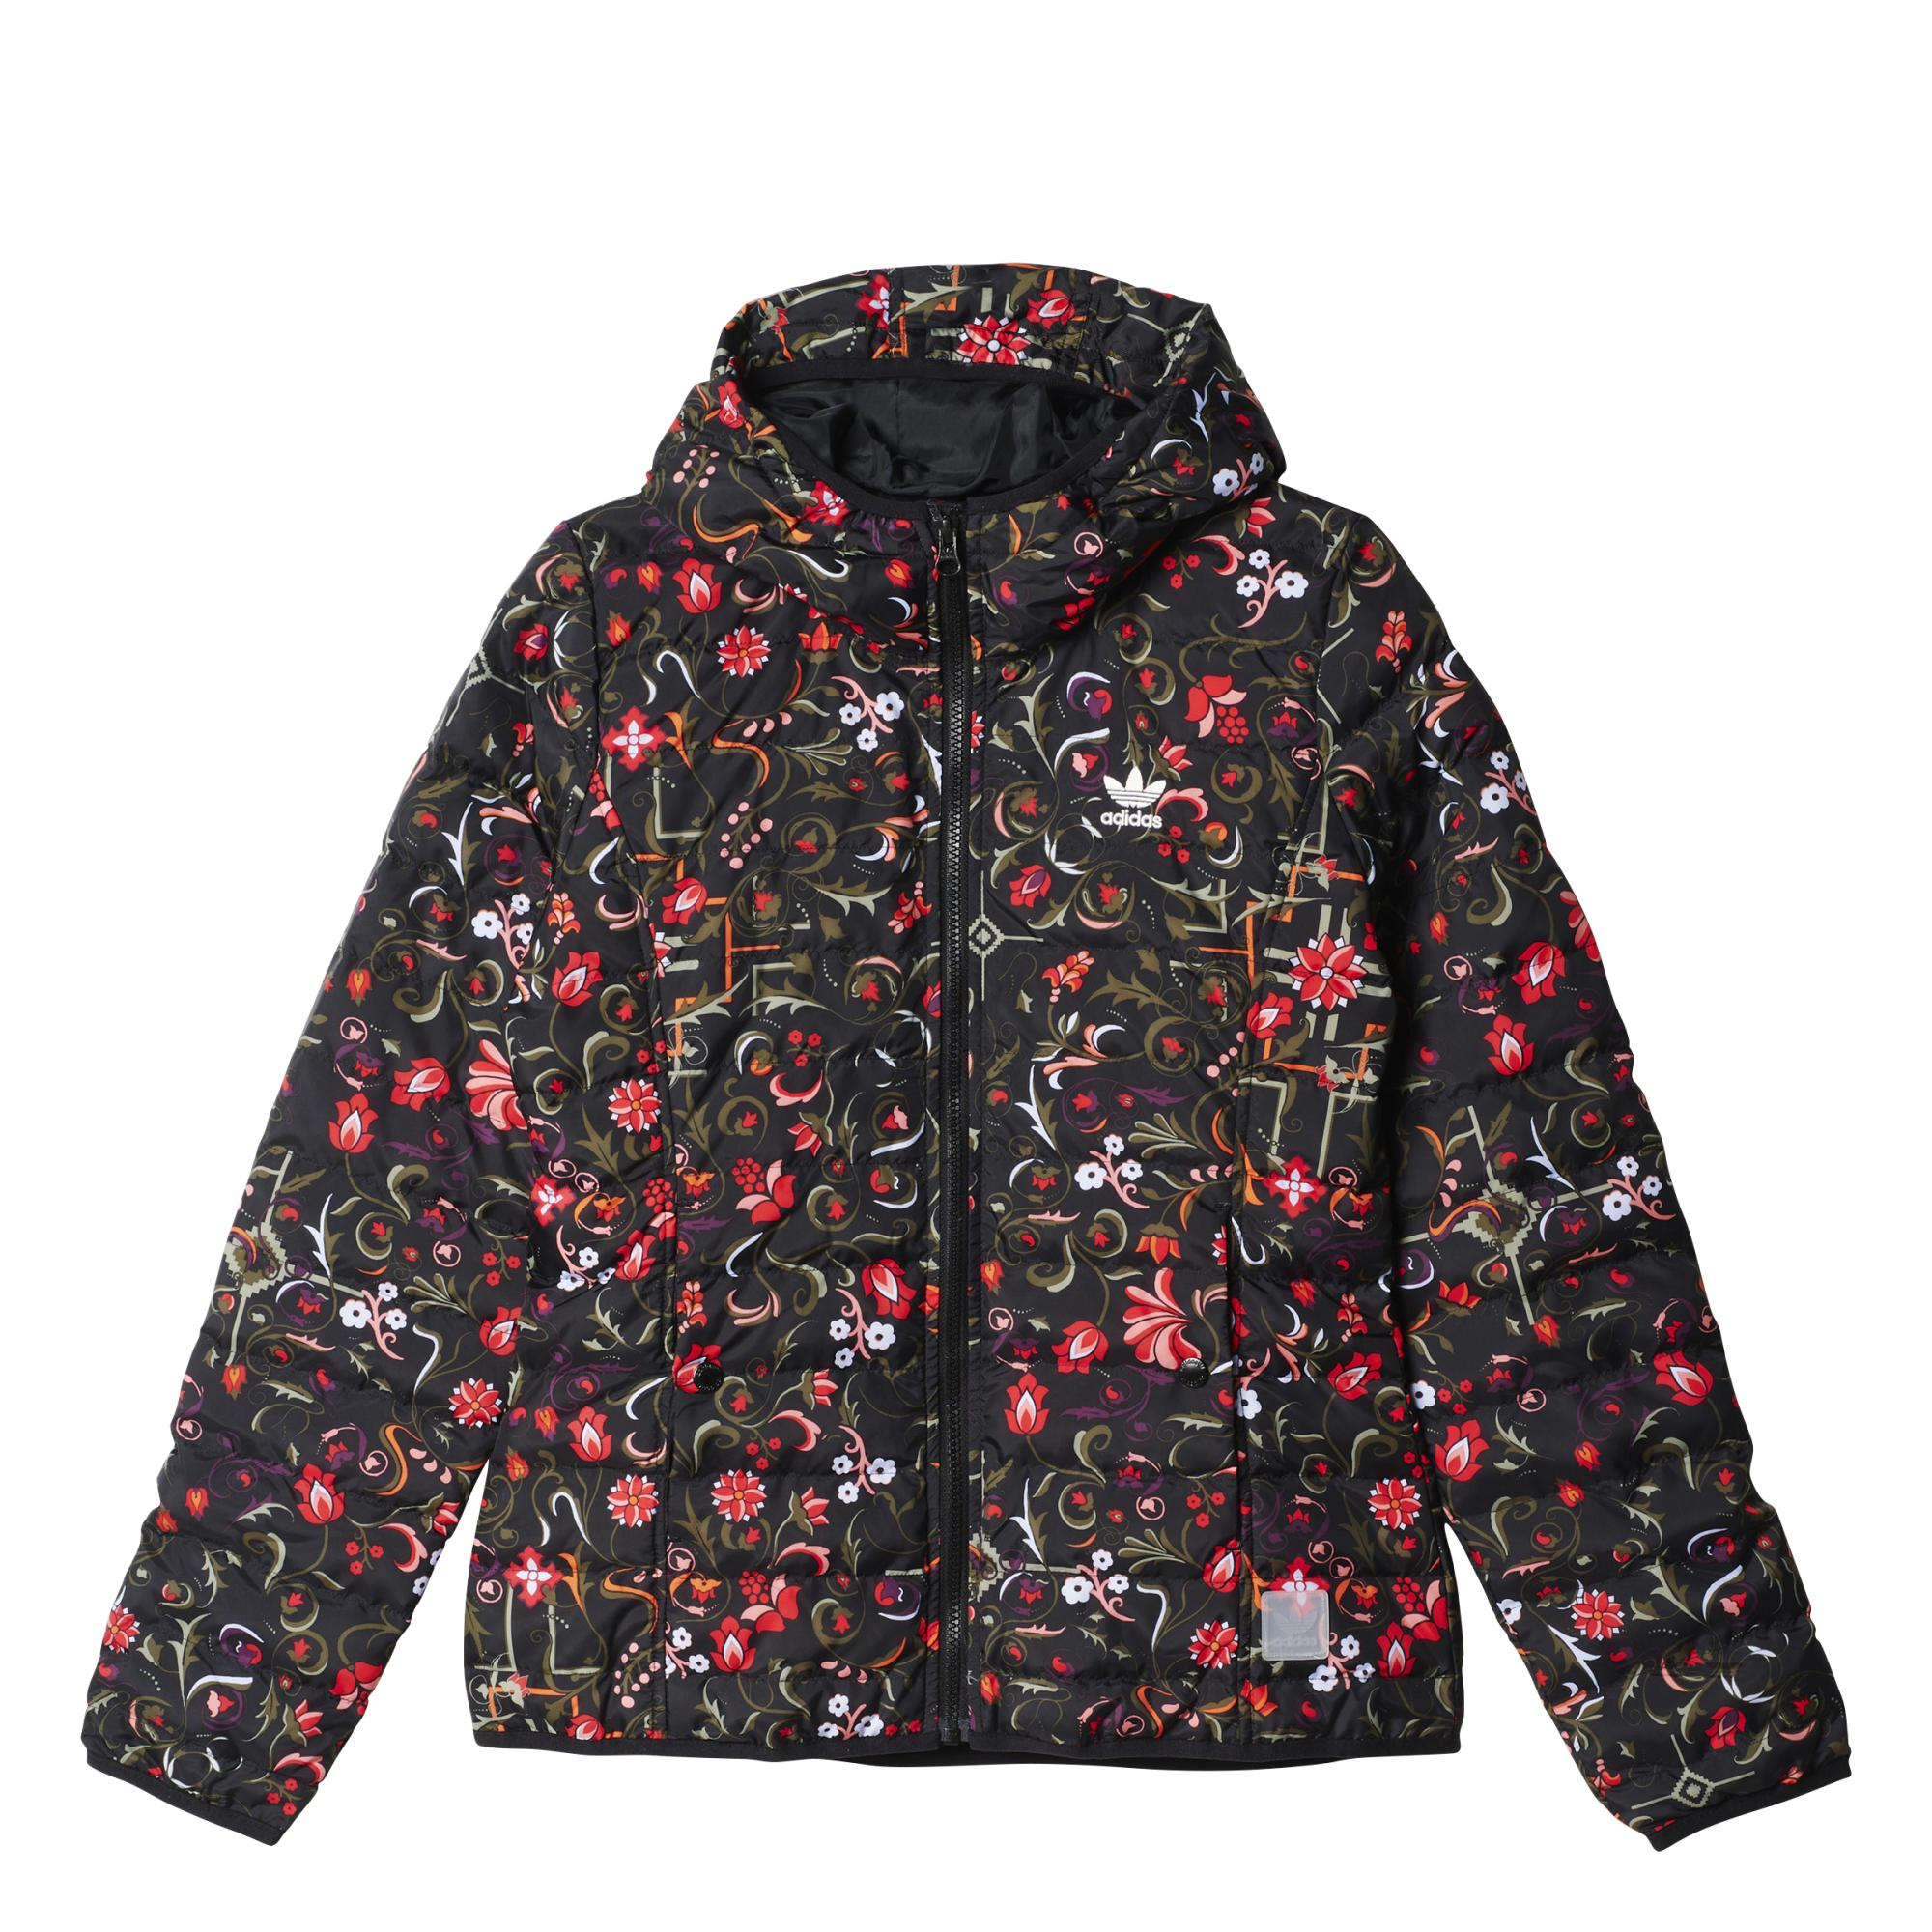 1efc6fa15 Adidas Originals Mujer Chaqueta All Over Print Slim Flower (negro)